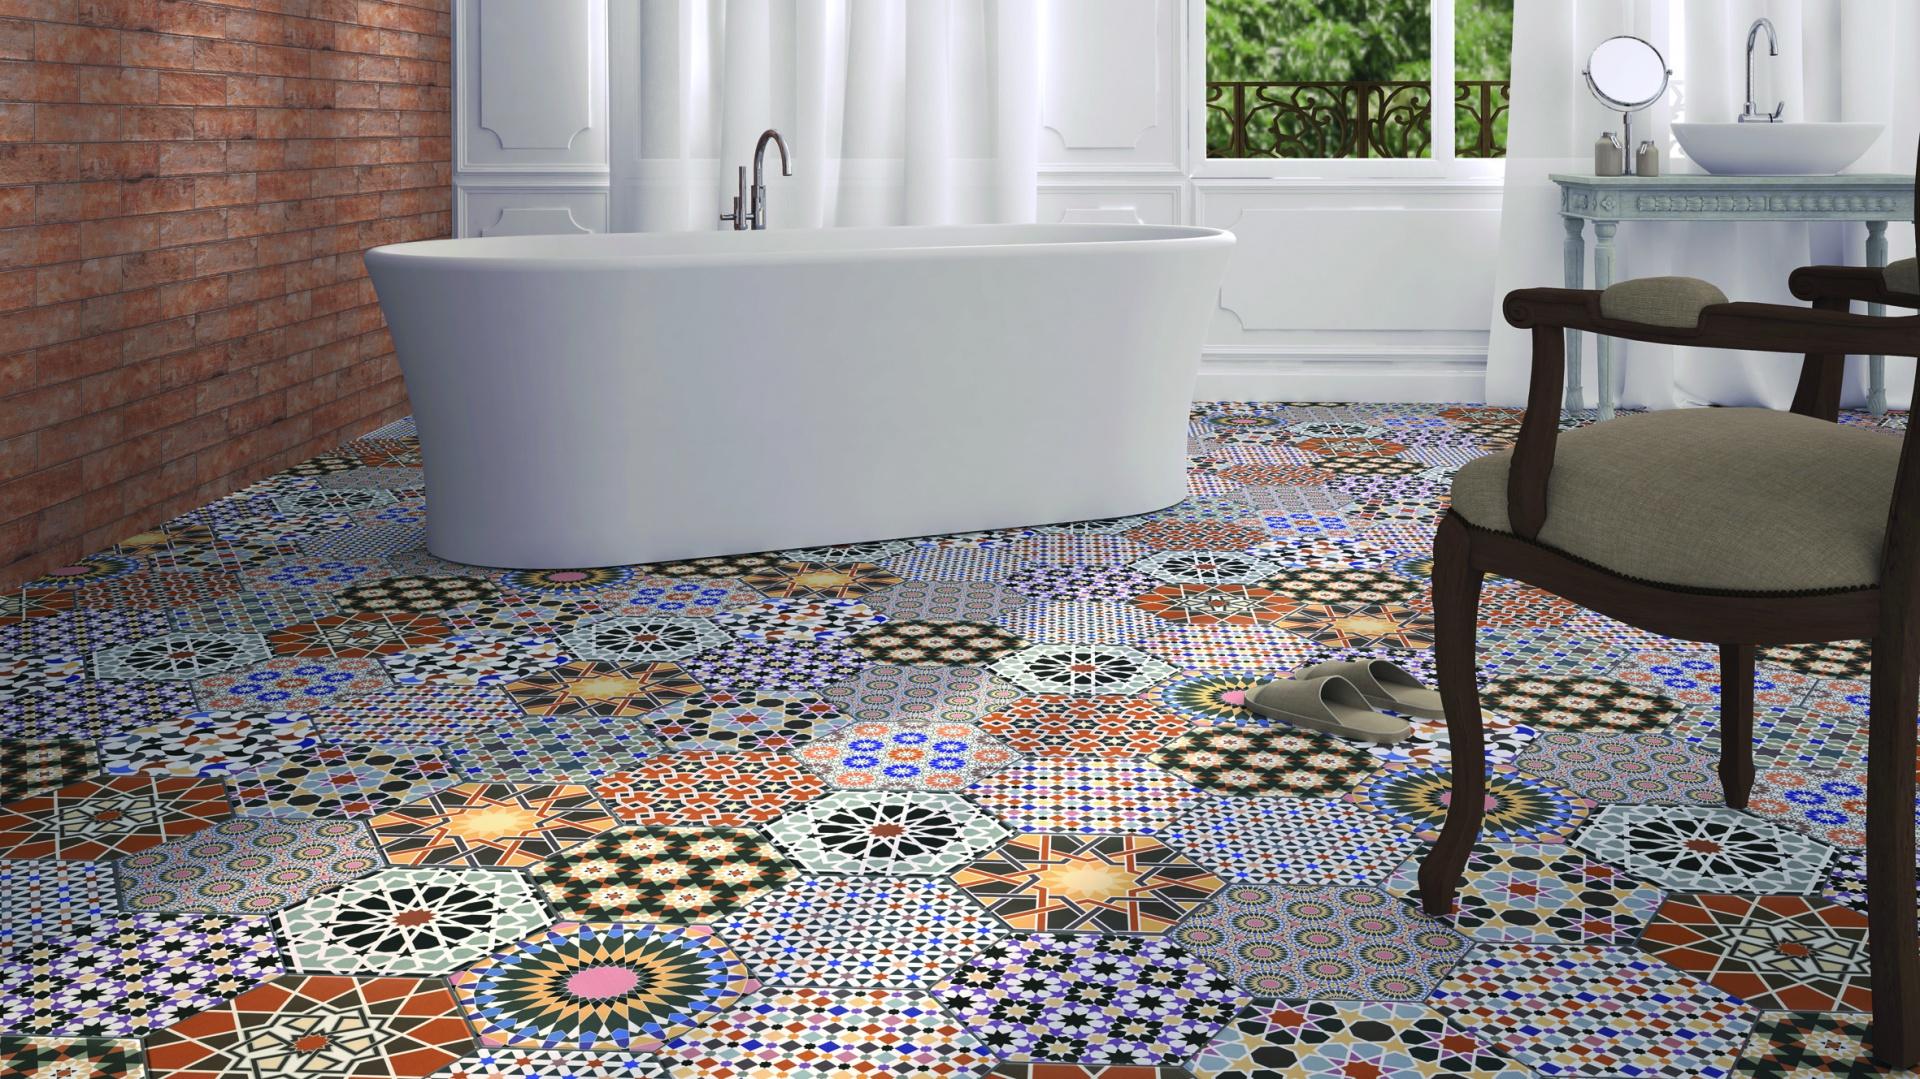 Jak kolorowy dywan - płytki ceramiczne Andalusi firmy Ceramica Realonda. Fot. Ceramica Realonda.